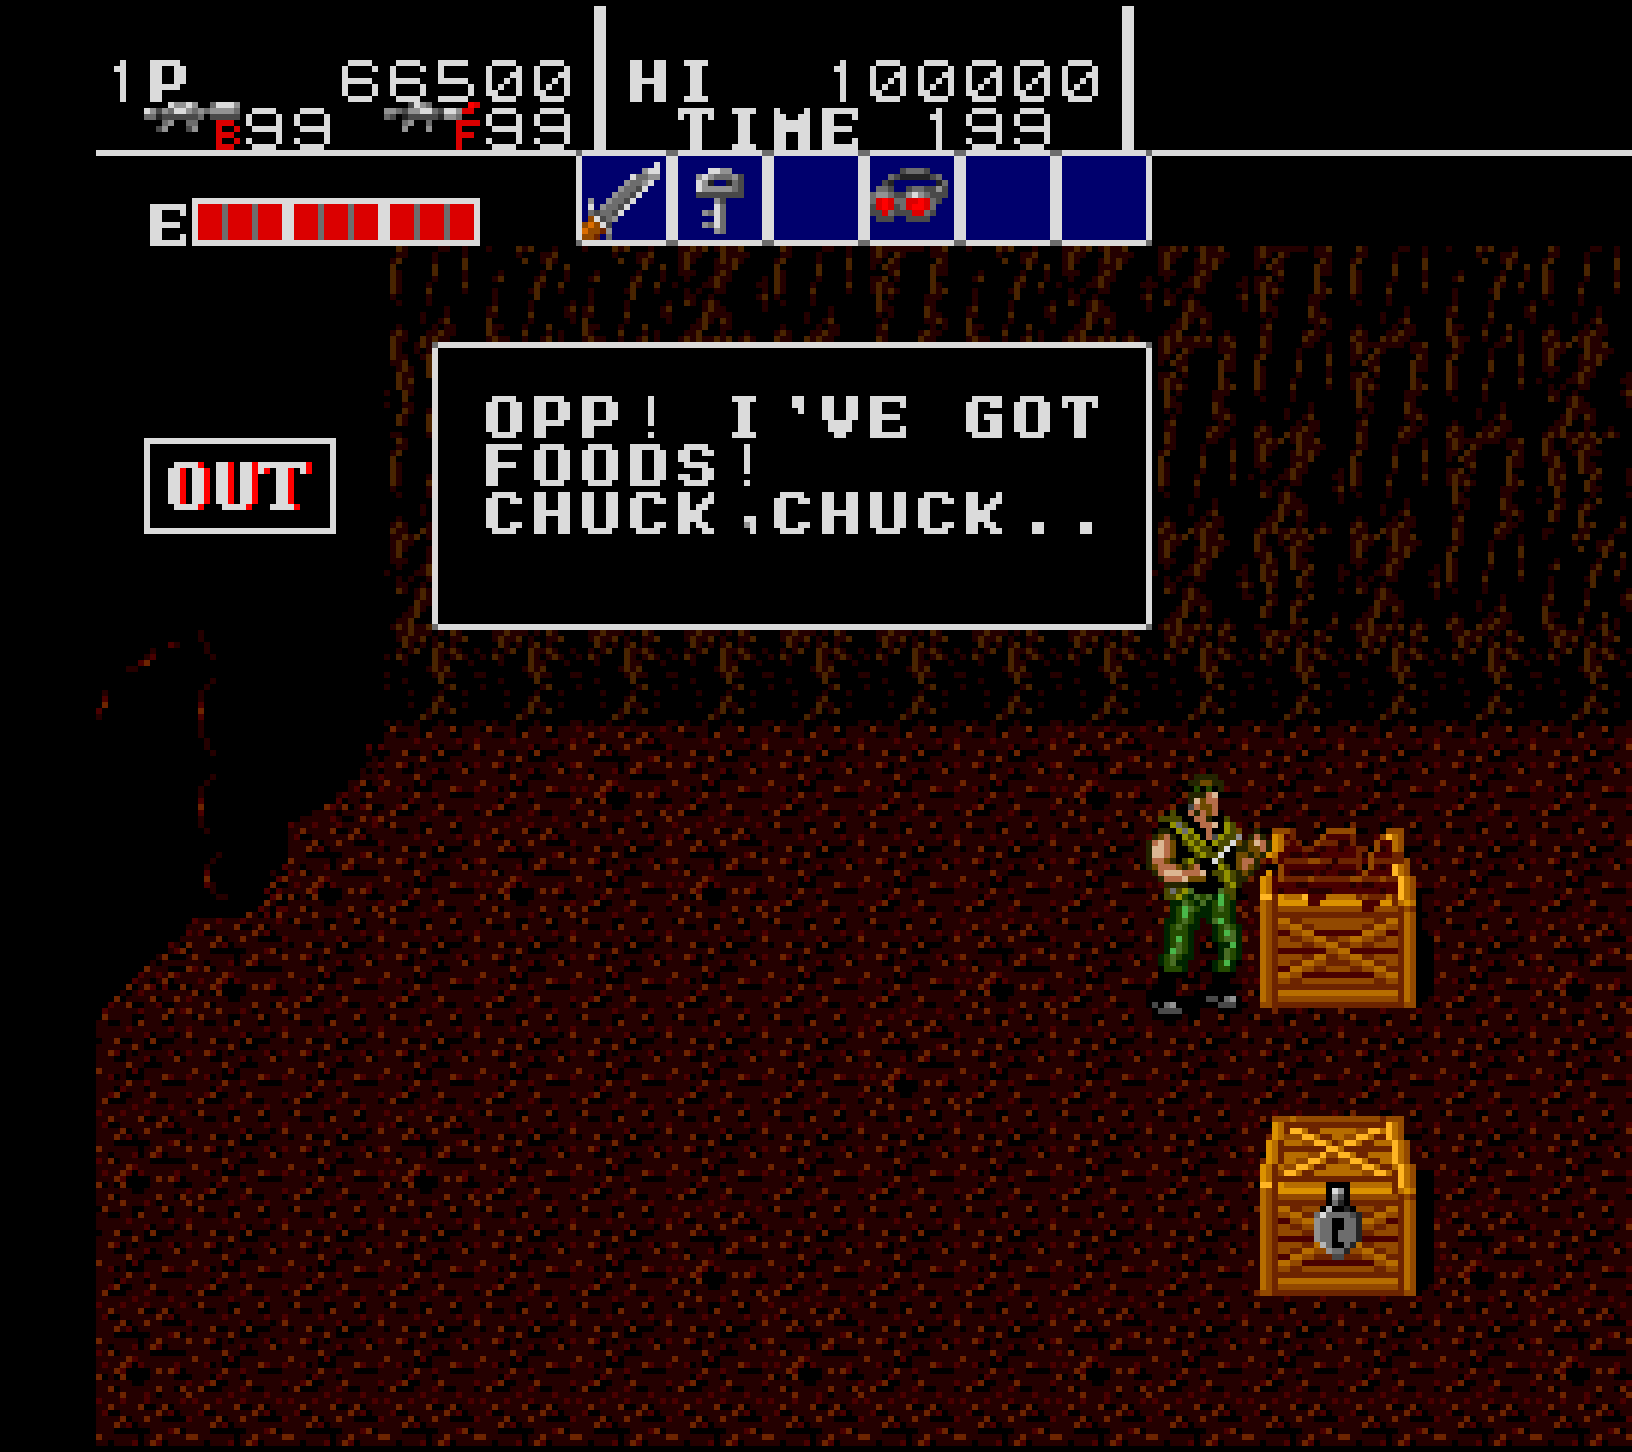 Opp! I've got foods! Chuck,chuck..